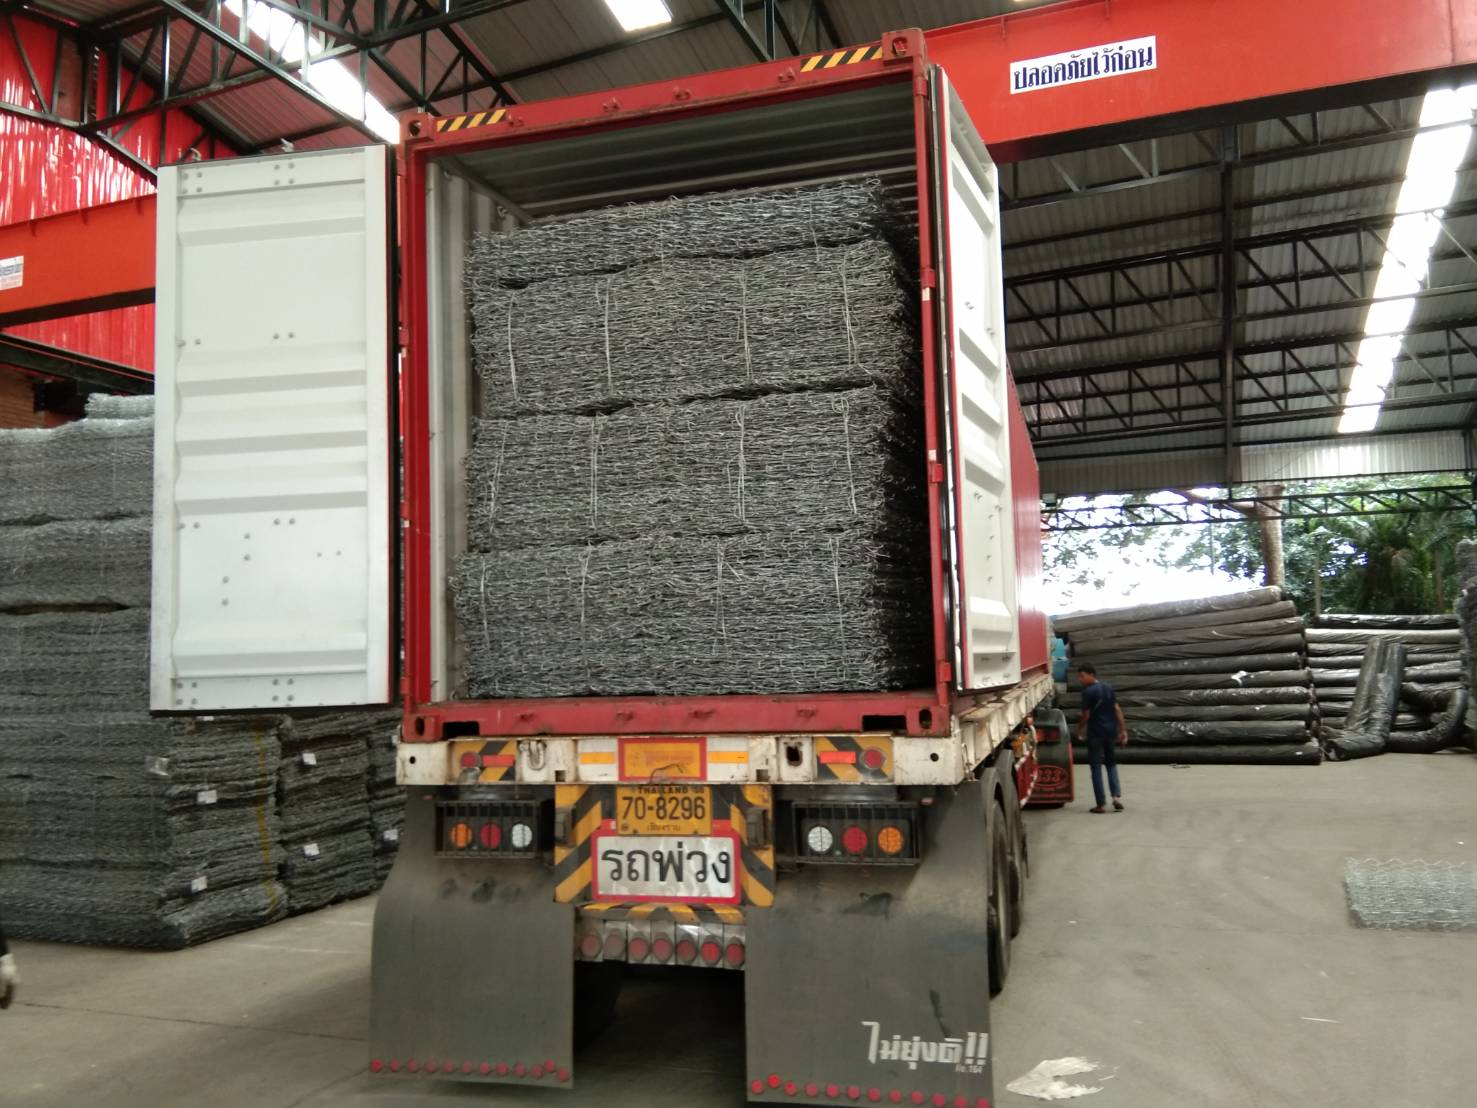 10×12, 3 เกลียว, gabion, geotextile, PVC, กล่องเกเบี้ยน, กล่องเกเบี้ยน PVC, กล่องแกเบี้ยน, เกเบี้ยน, เกเบี้ยน แมทเทรส, แมทแทรด, ใช้งาน 02